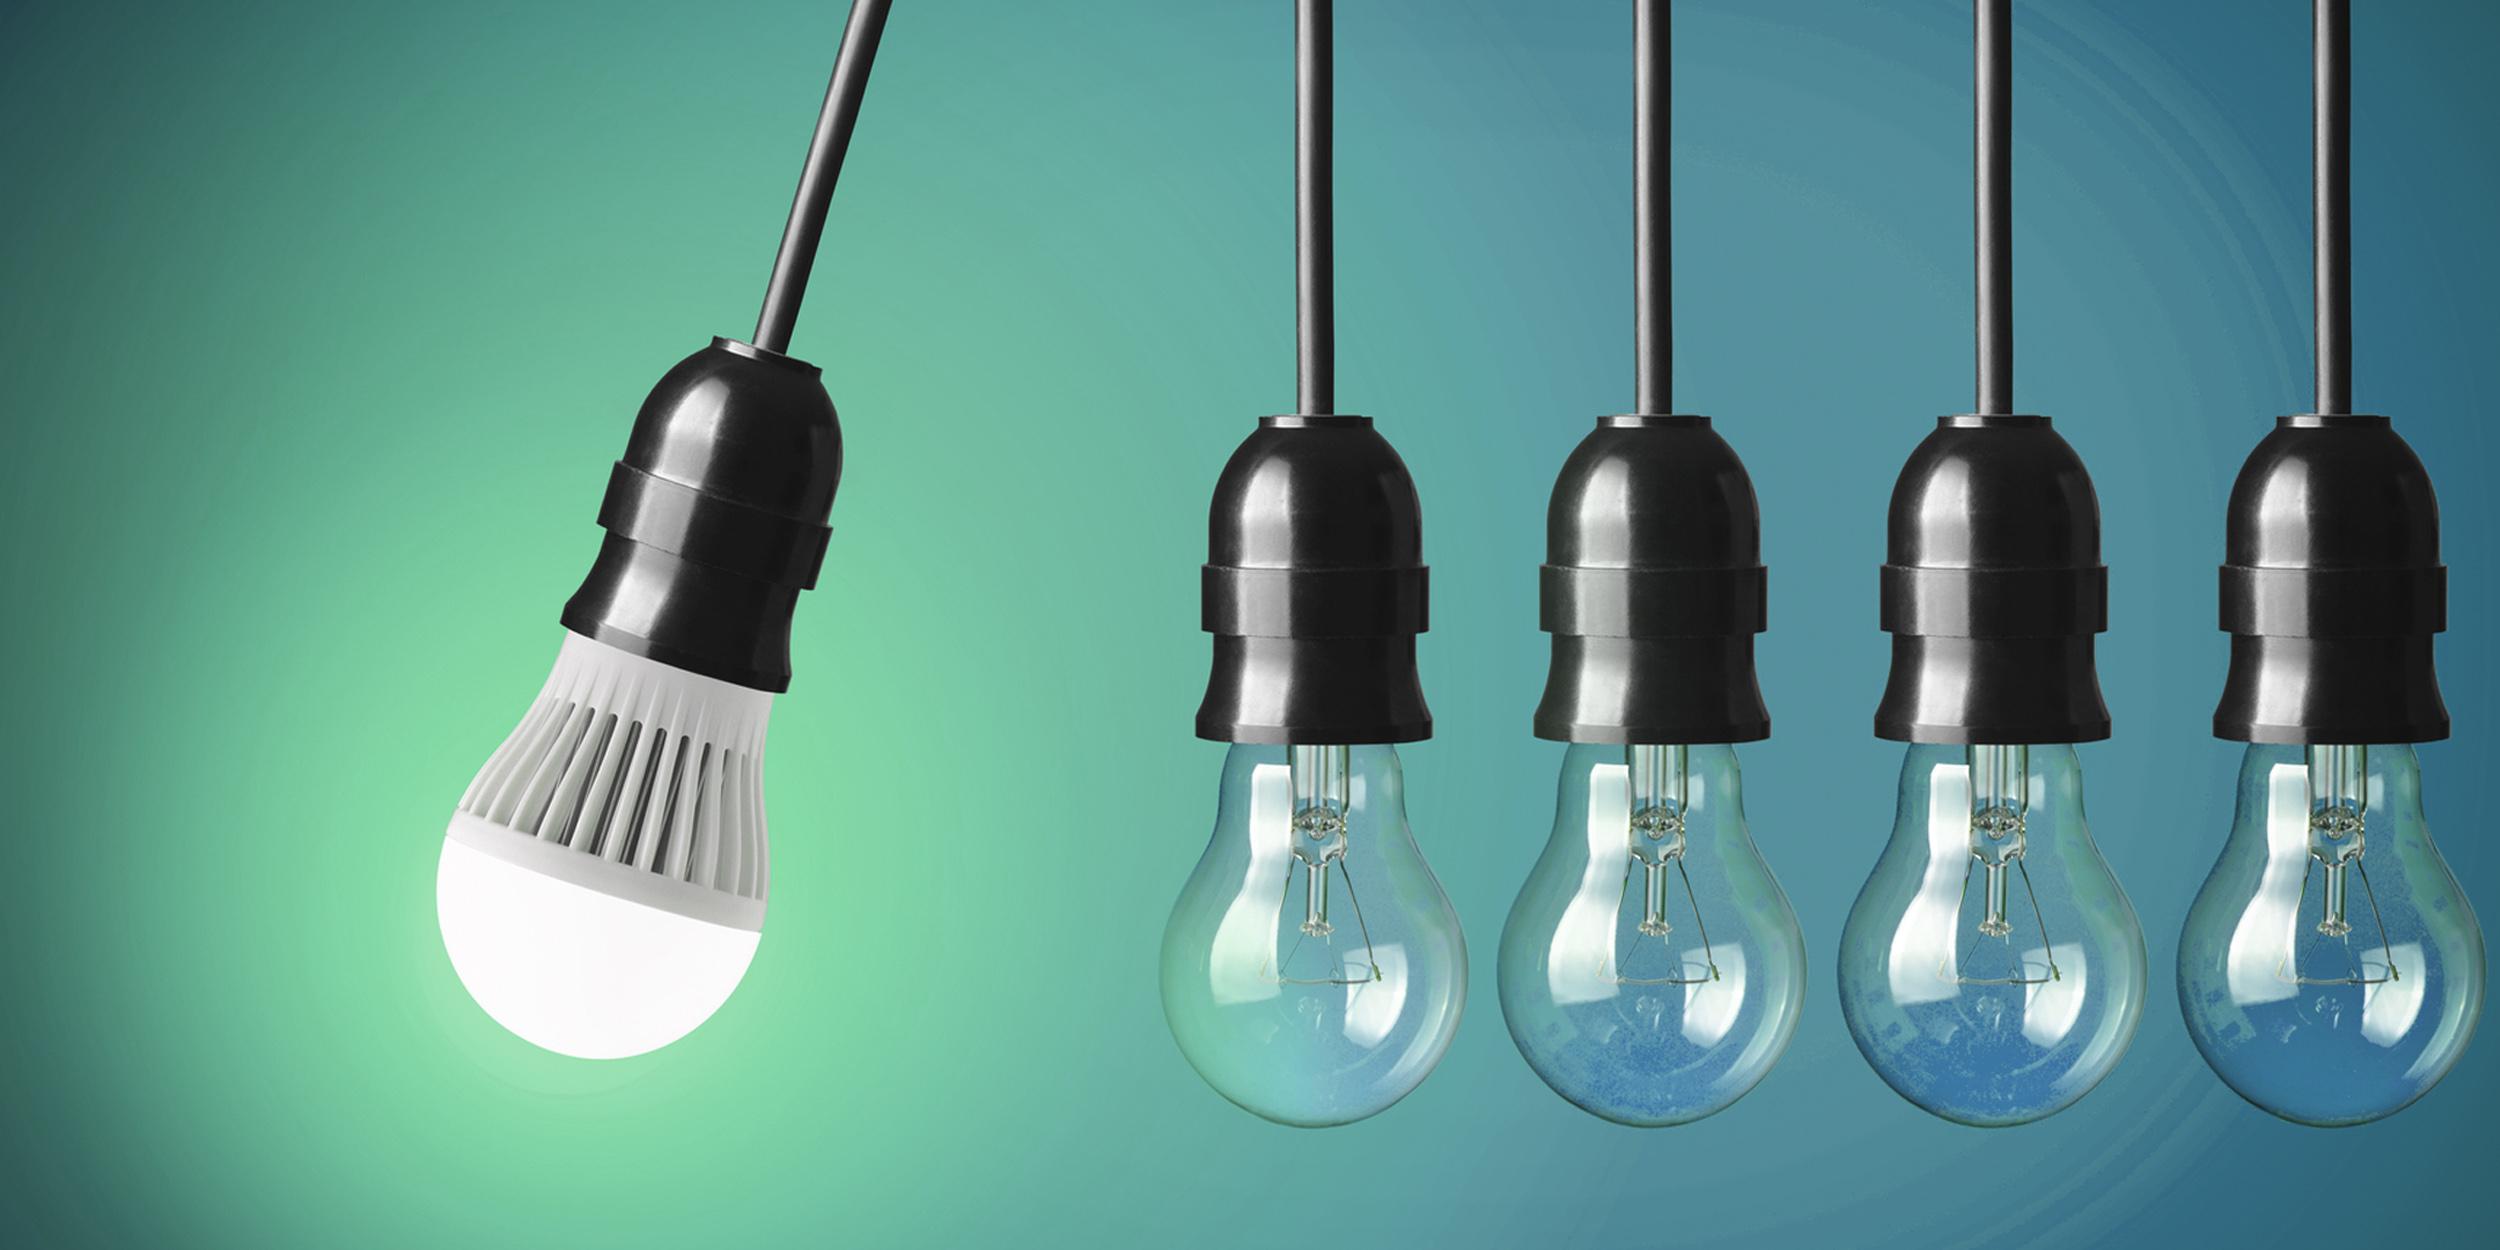 Конструкционные особенности, принцип действия лампочки